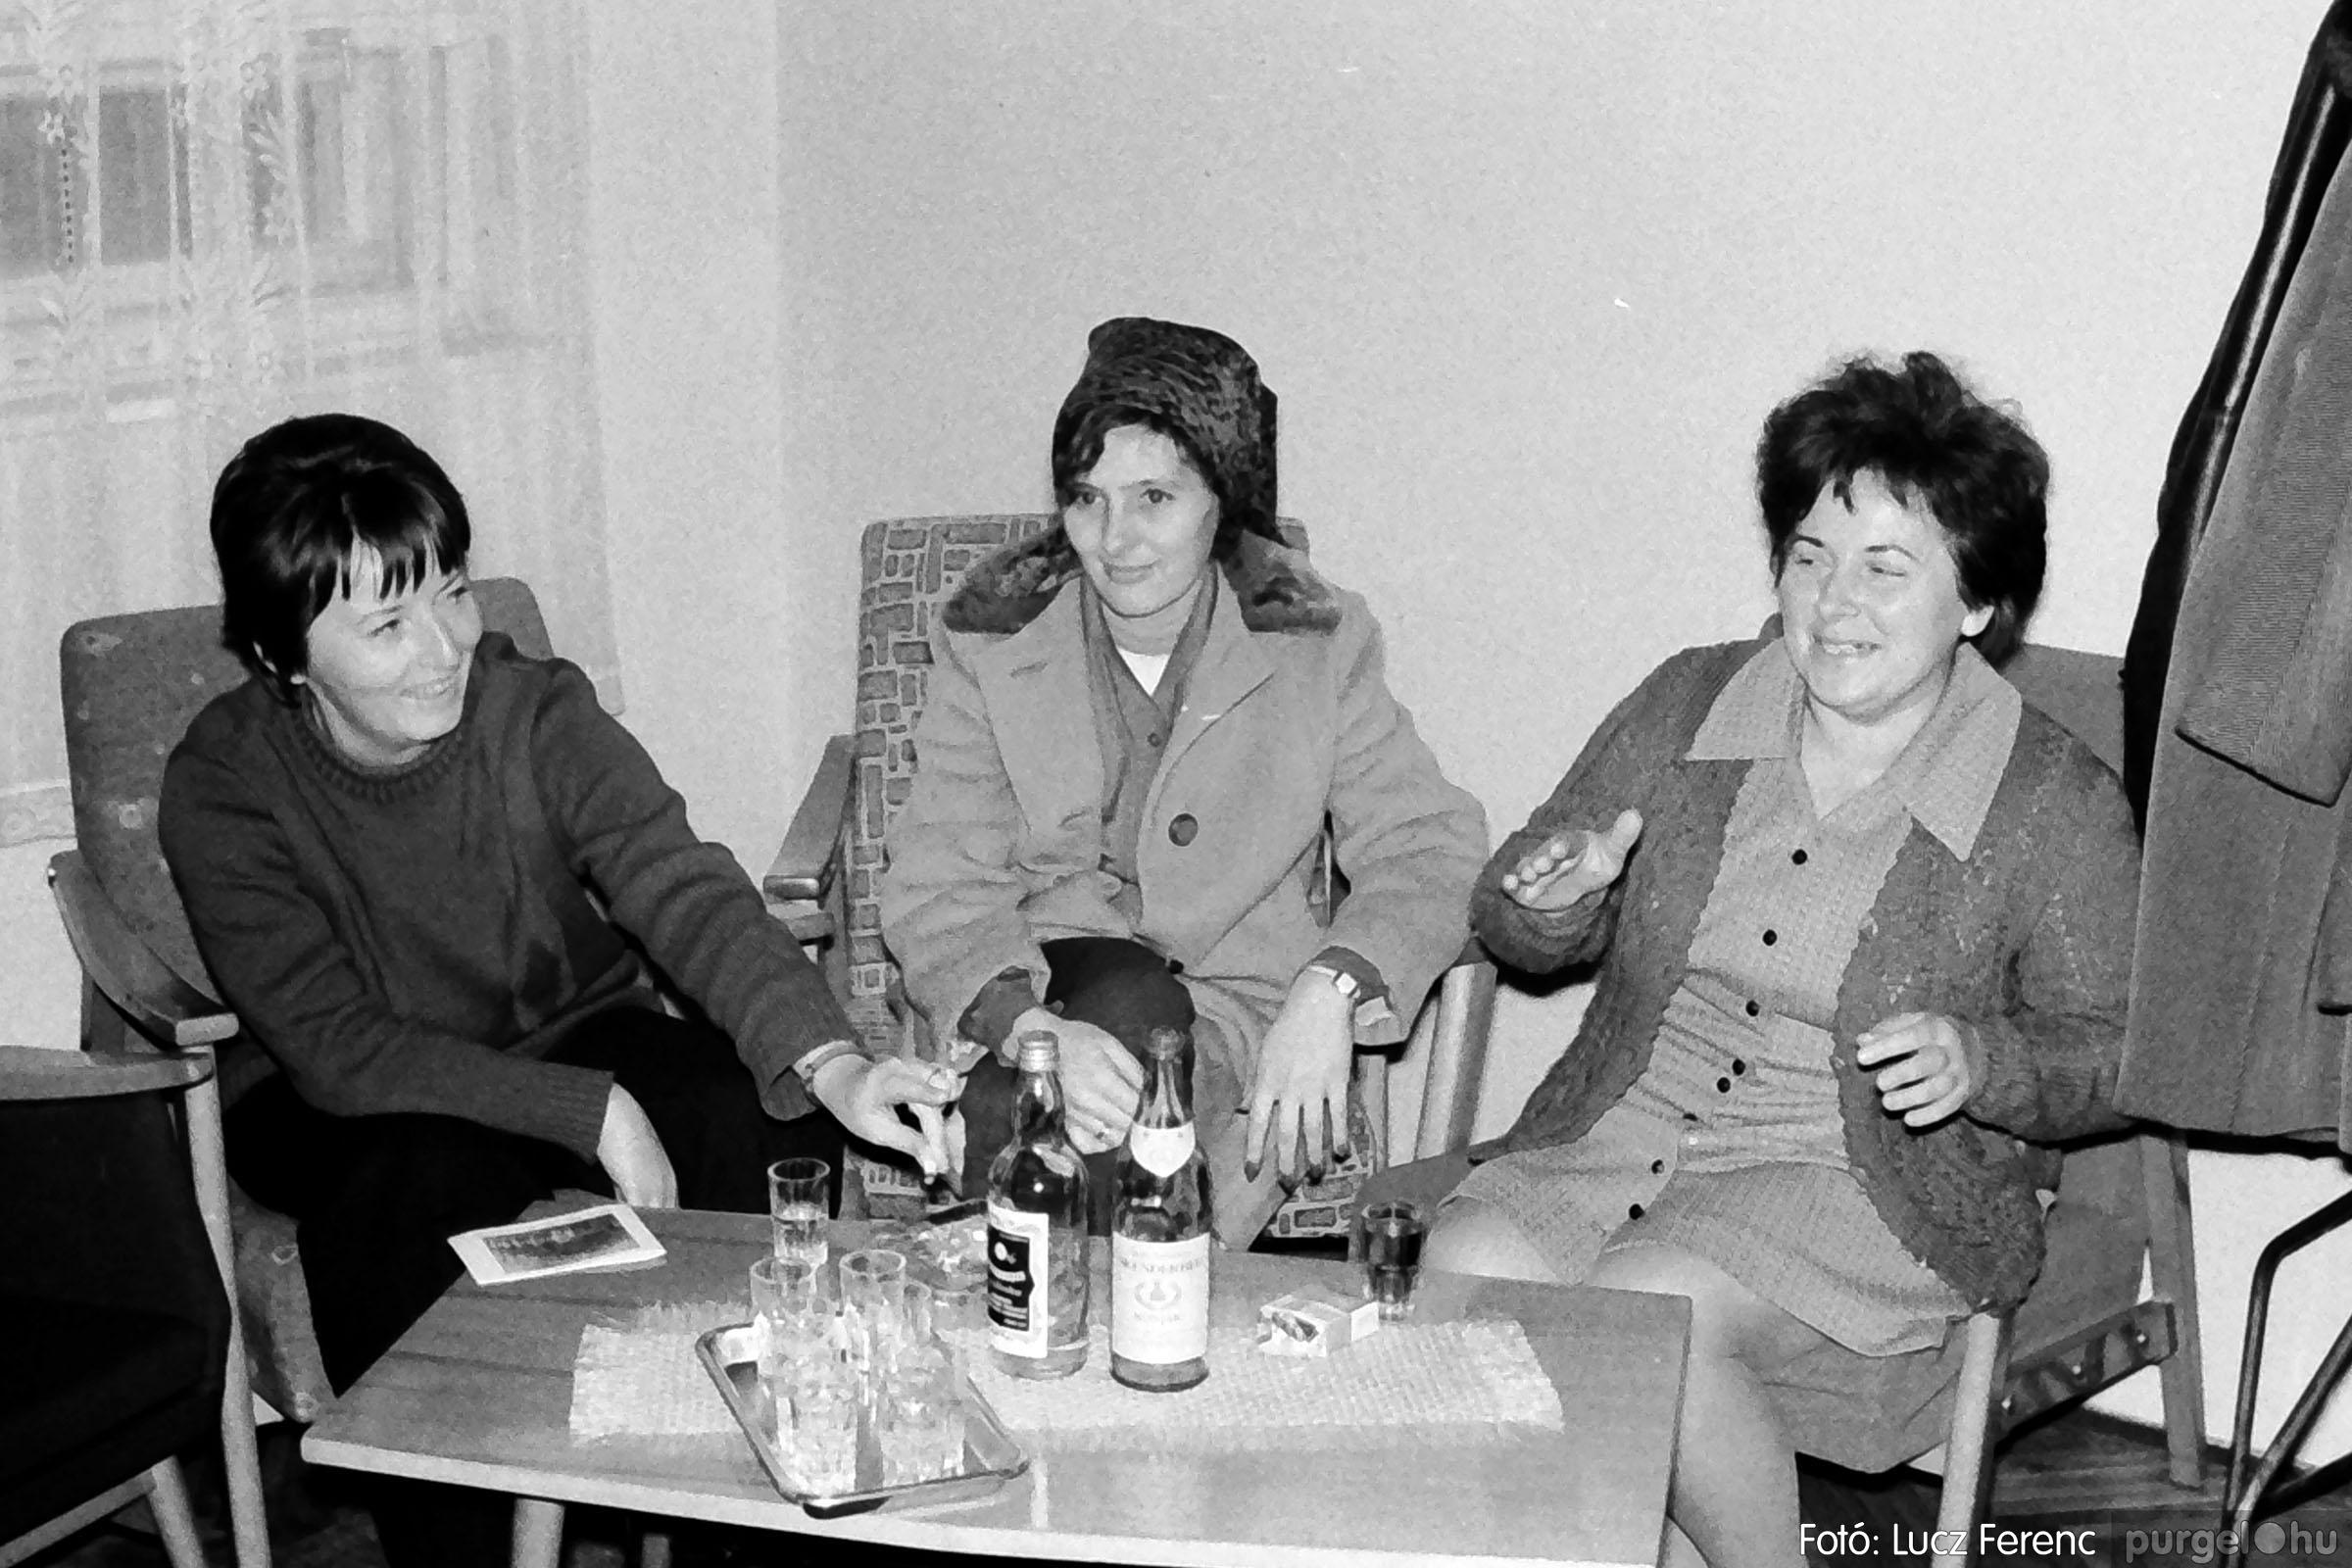 004B 1970-es évek - Bábelőadás 002 - Fotó: Lucz Ferenc IMG00040q.jpg